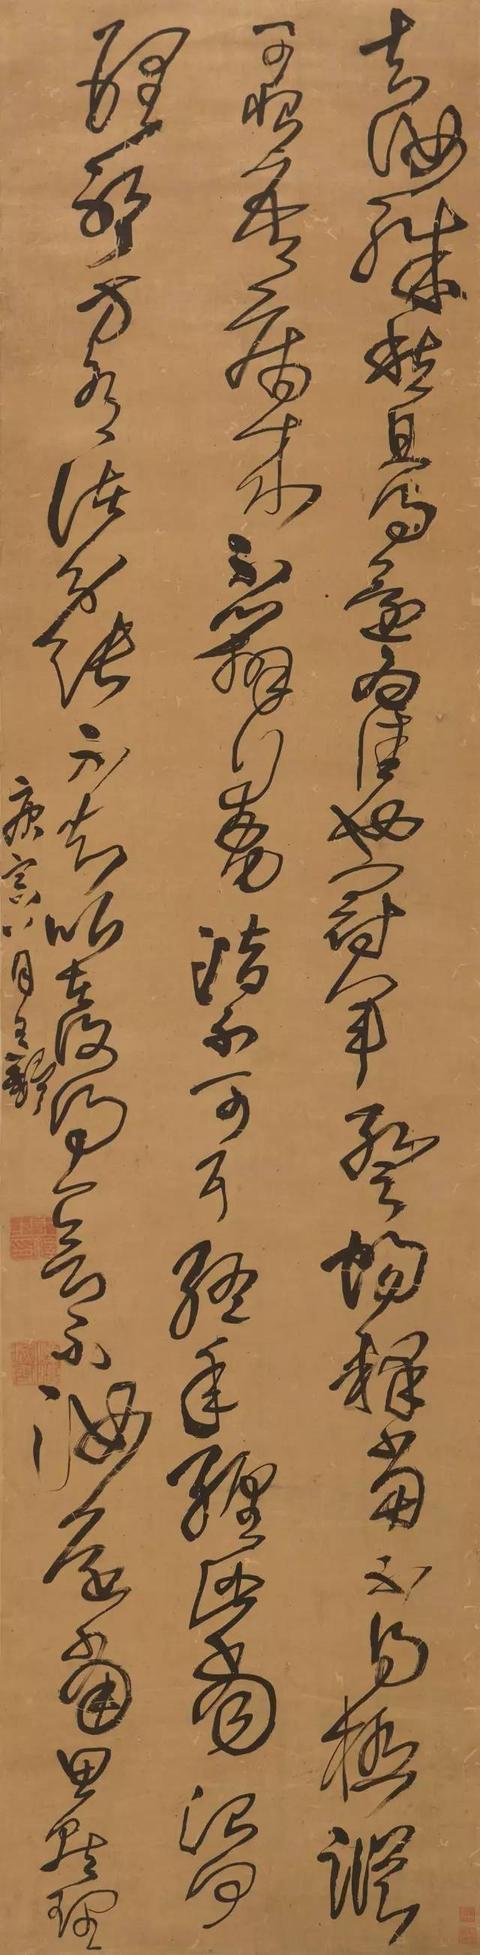 王铎 临张芝《冠军帖》(1650)